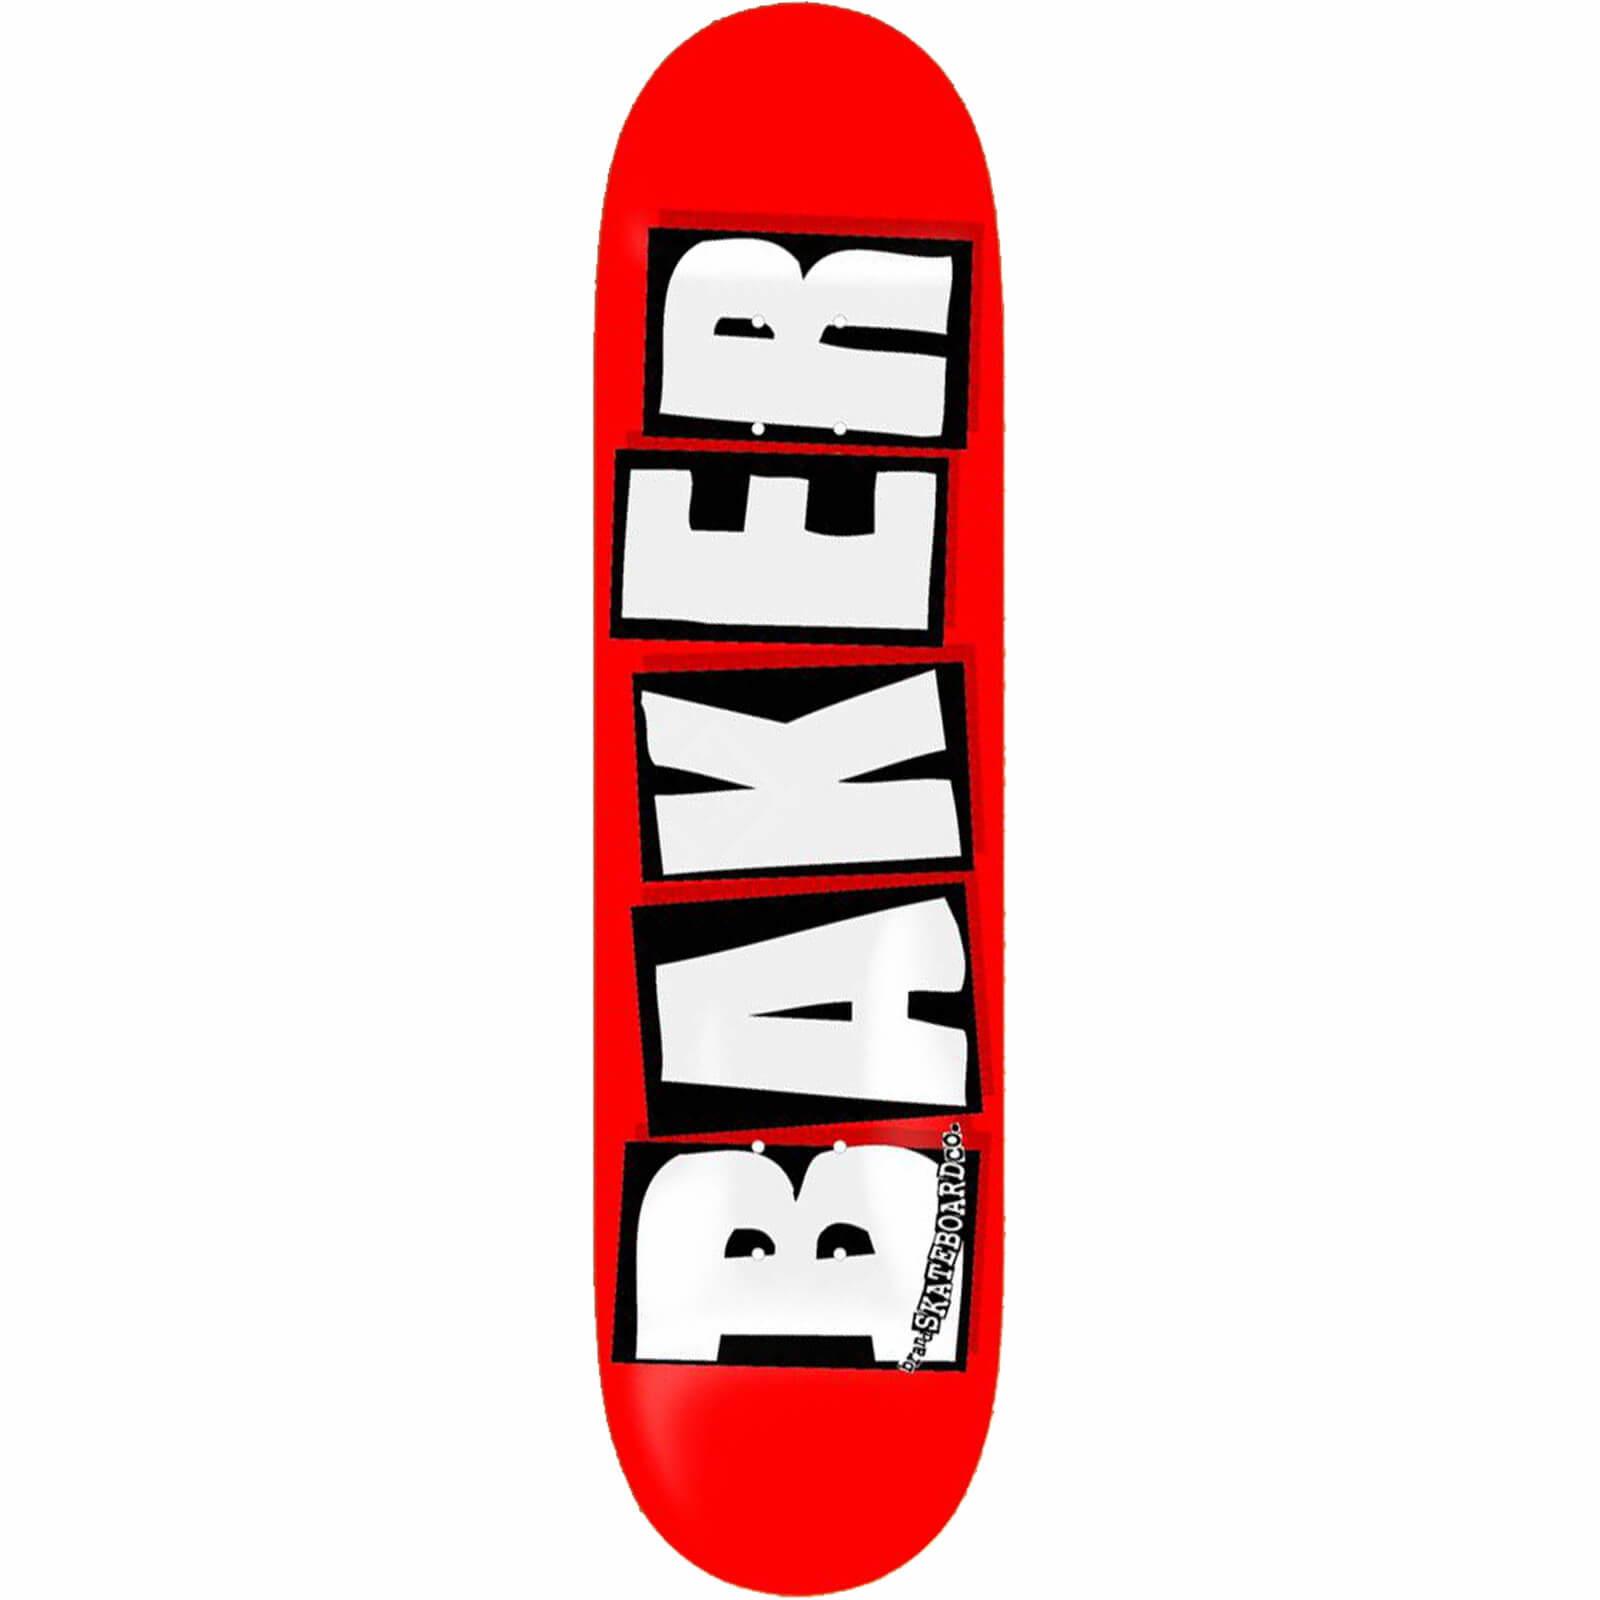 BAKER BAKER O.G. LOGO 8.5